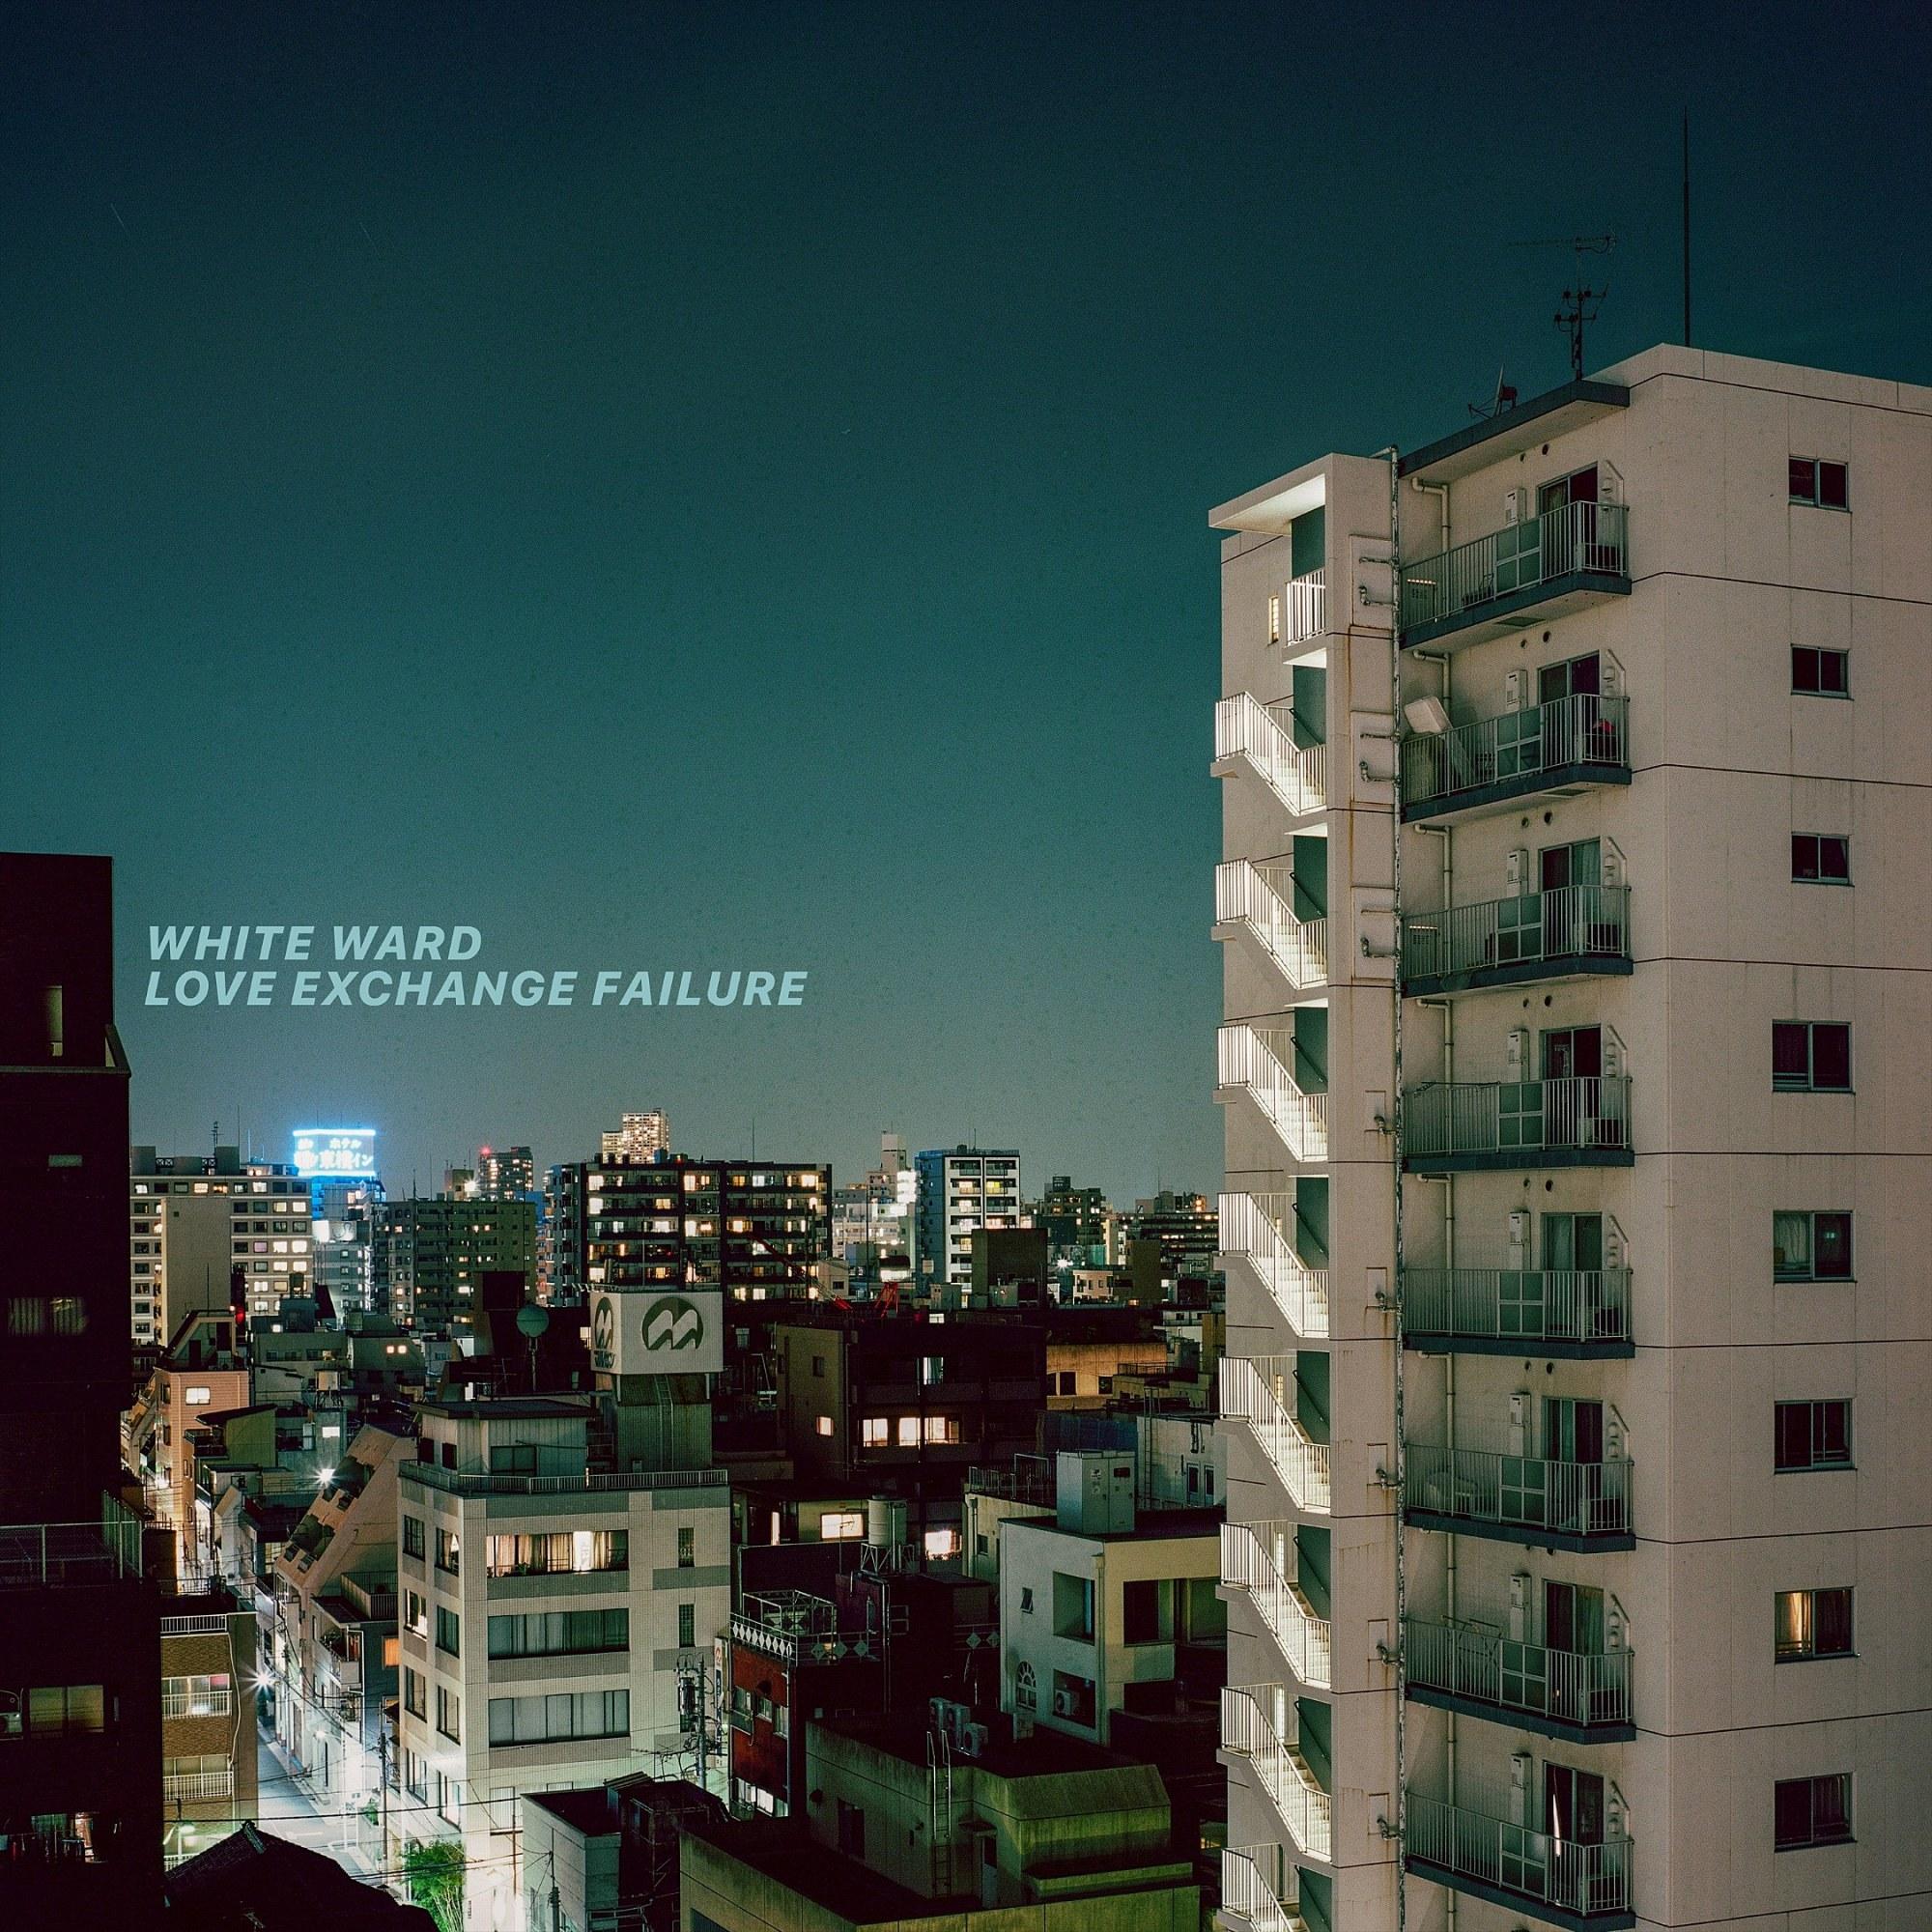 White Ward - Love Exchange Failure